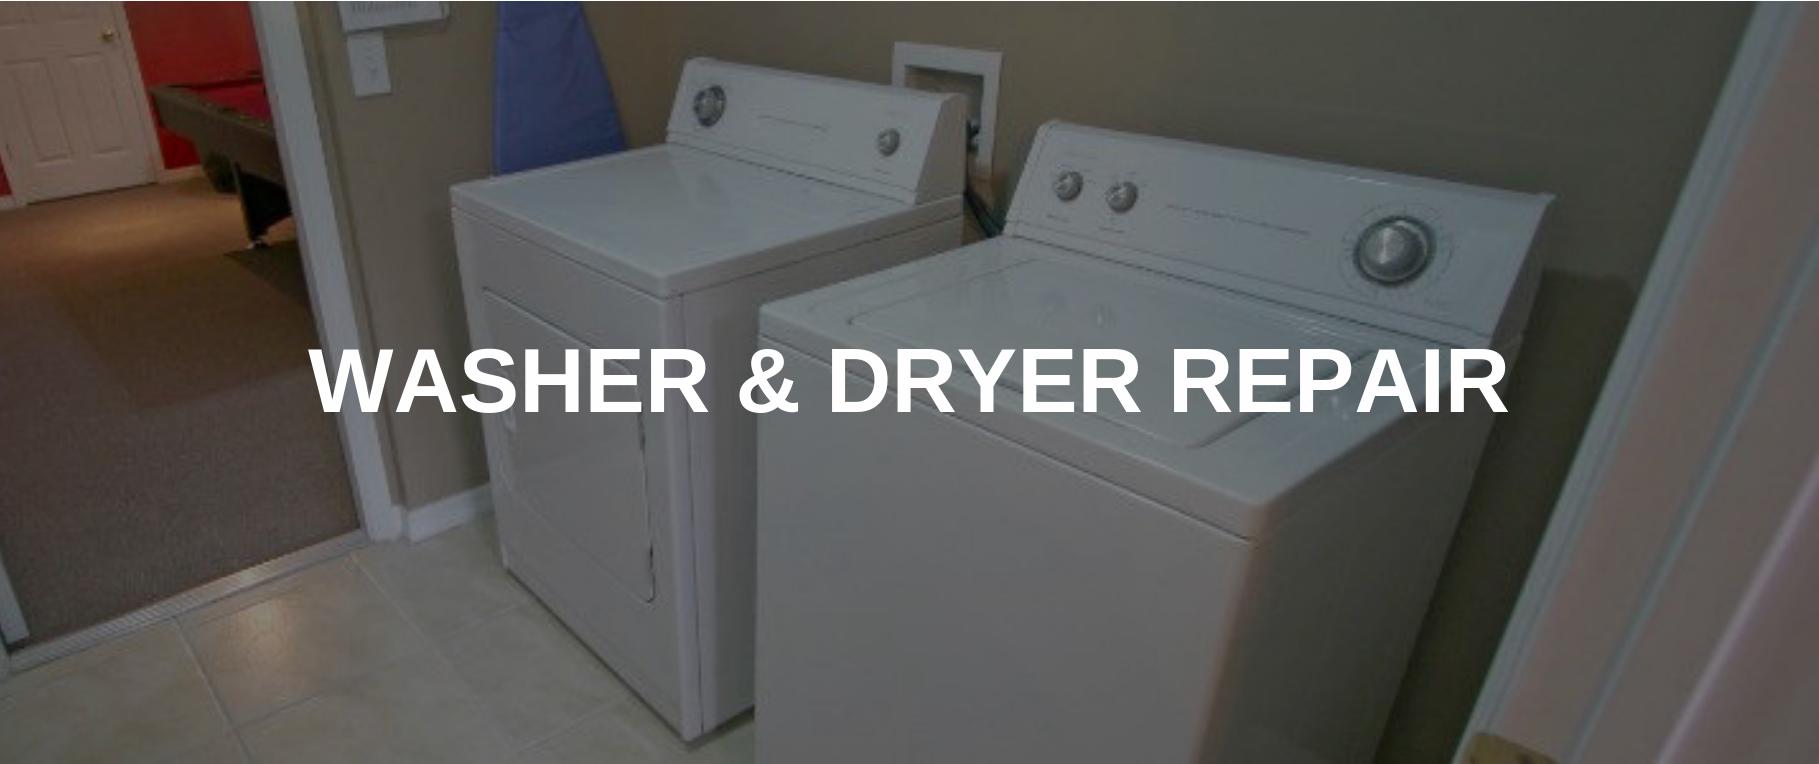 washing machine repair groton